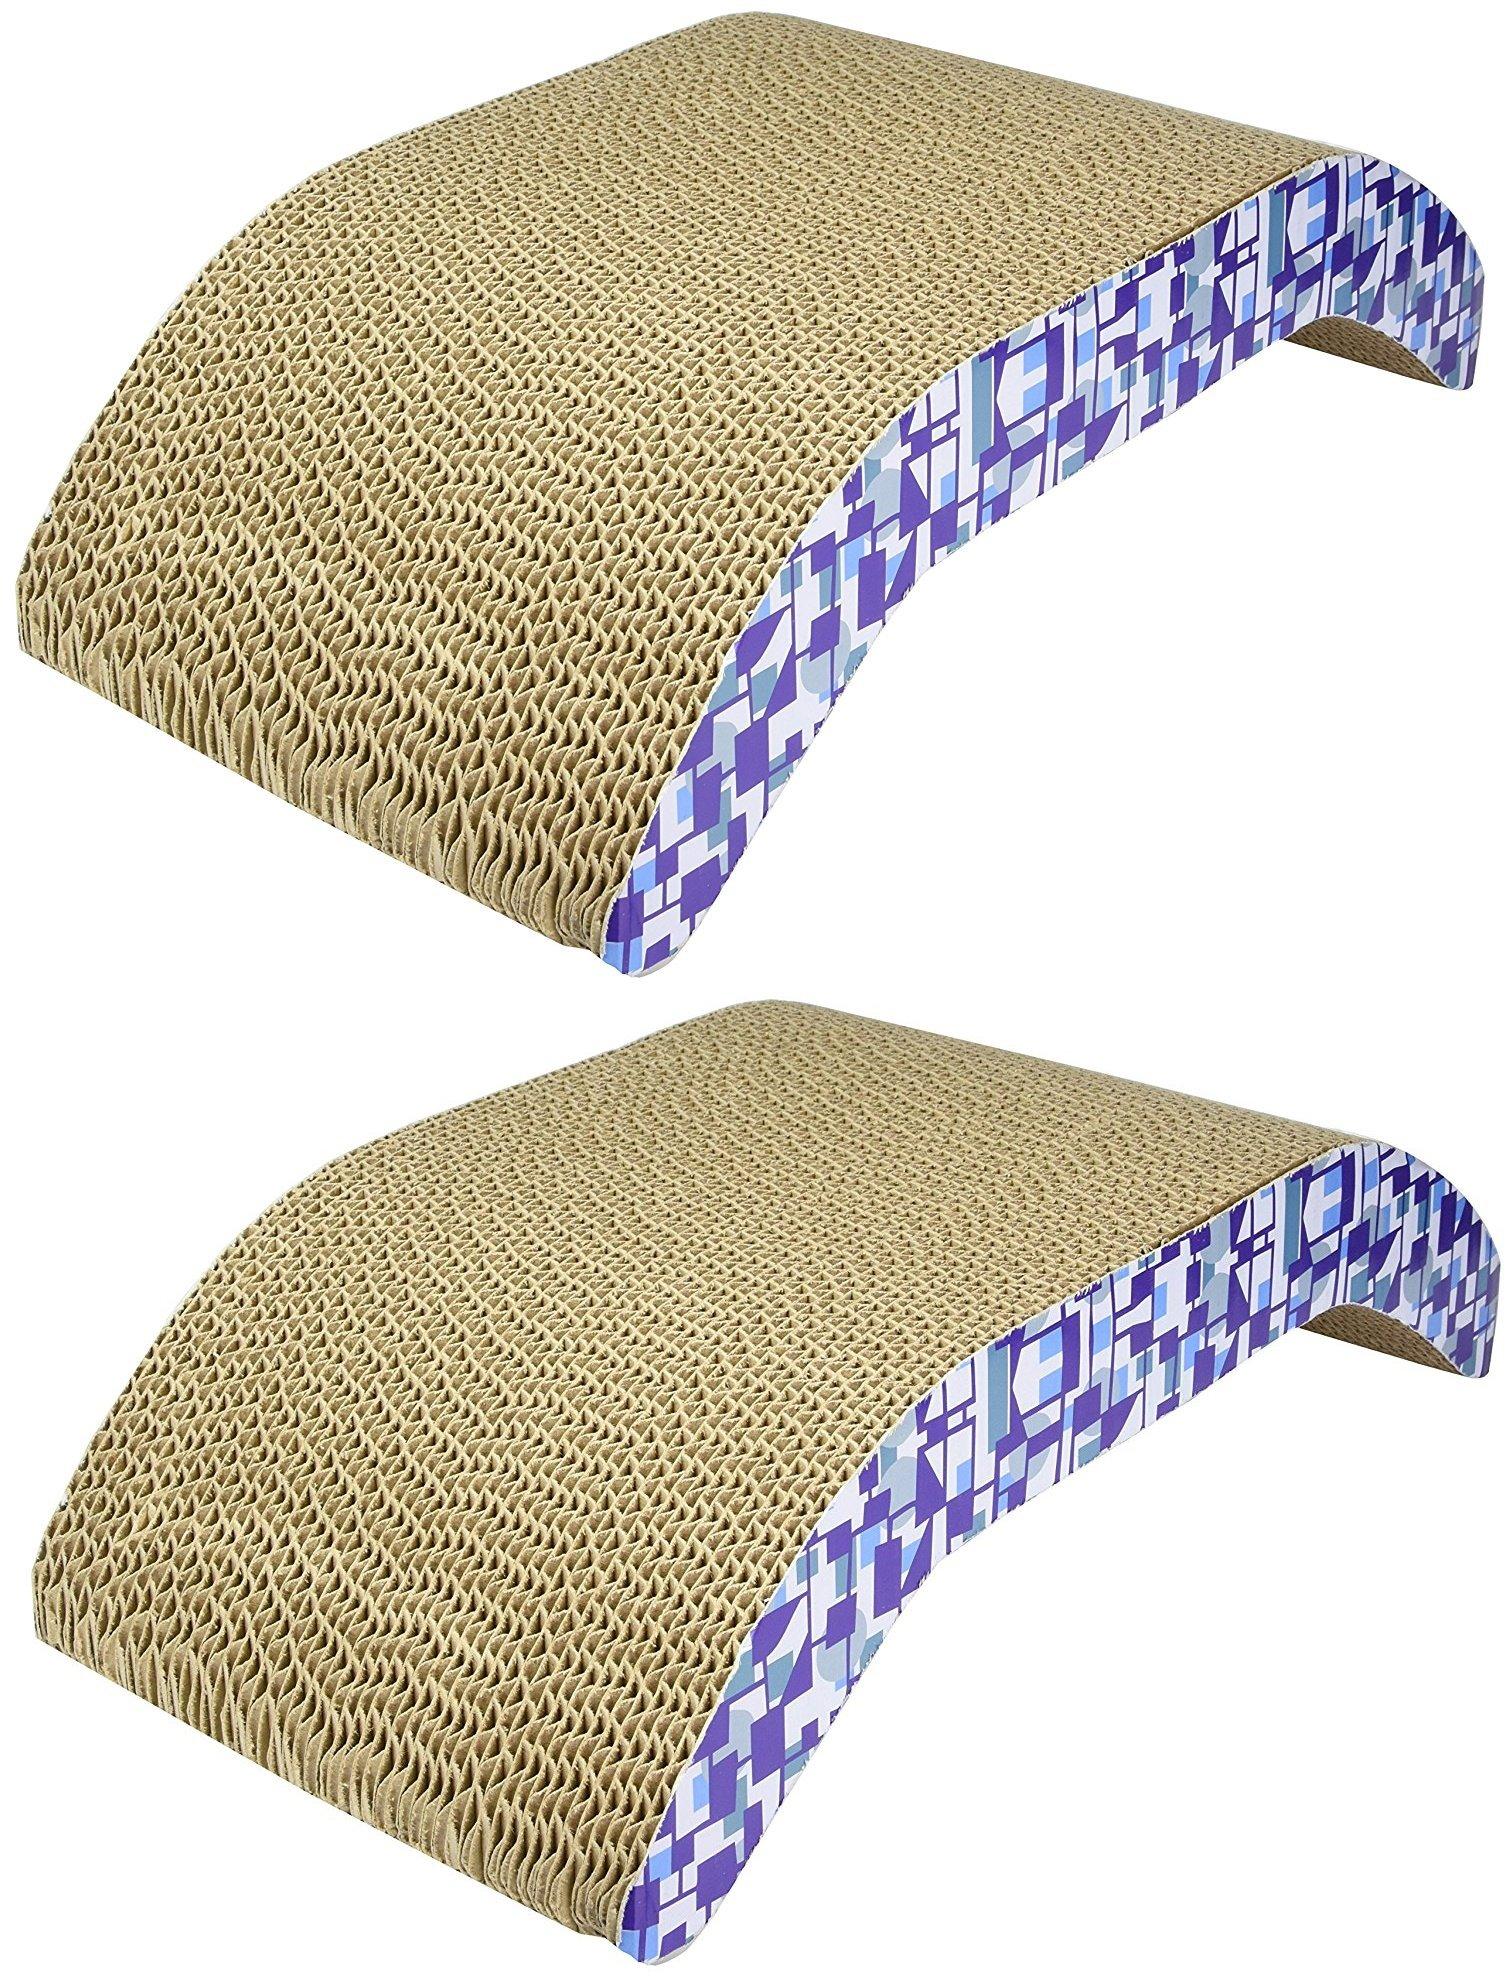 (2 Pack) Ware Manufacturing Scratch-N-Lounger Scratcher Pads, 17.5''L X 9.5''W X 4.5''H